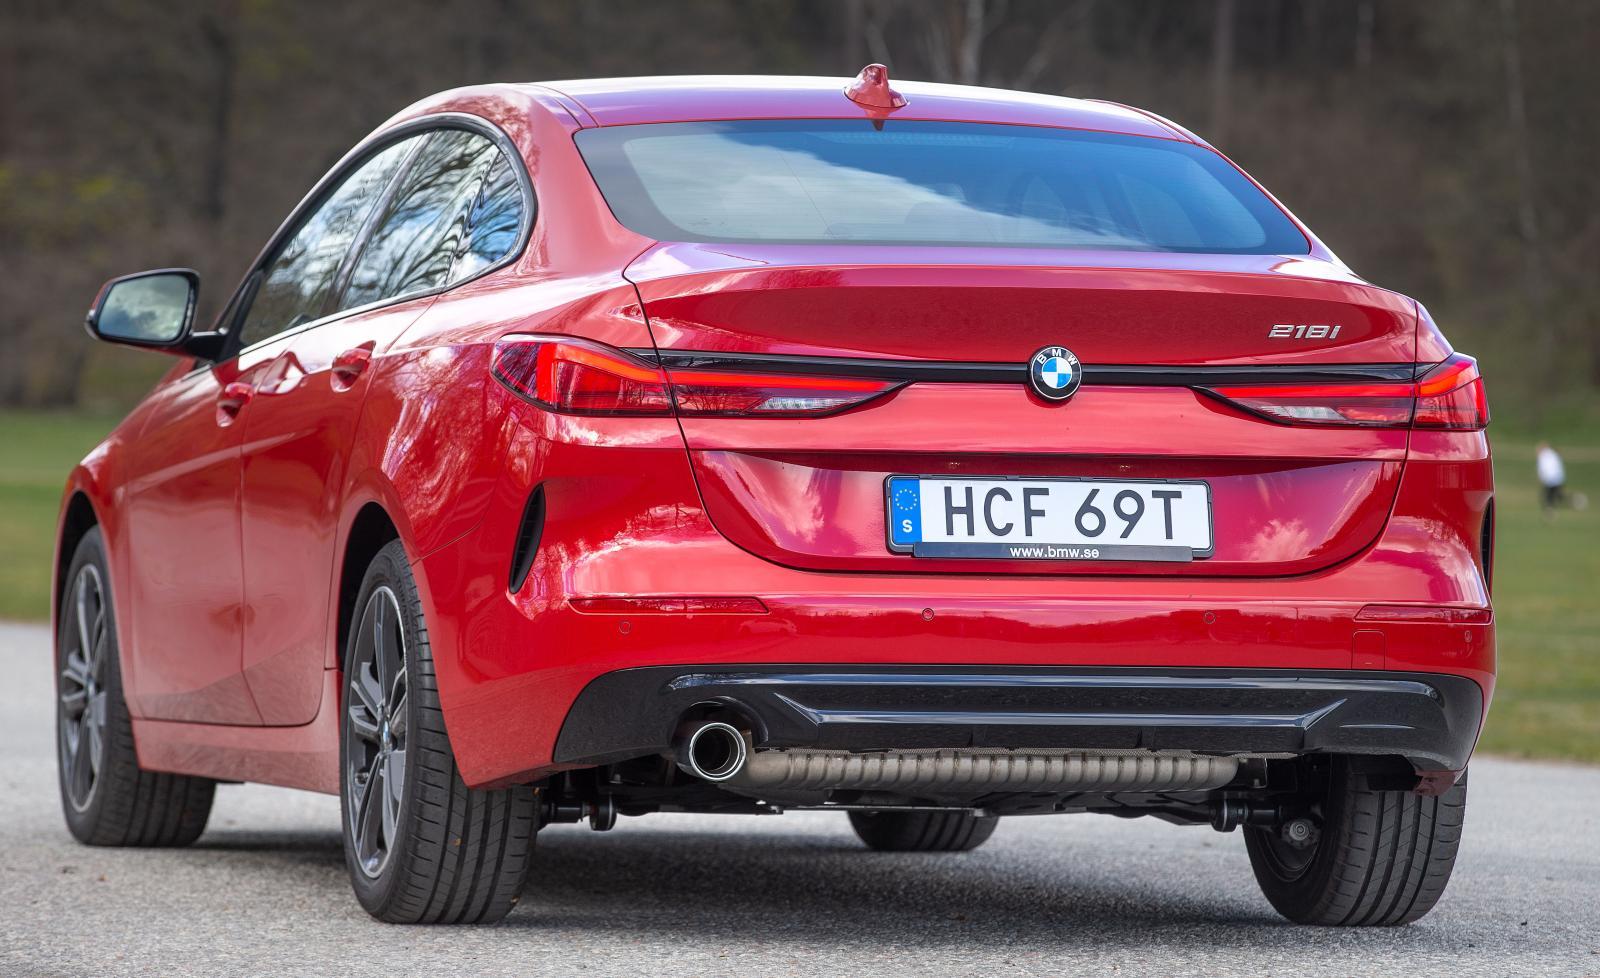 BMW håller på att förnya sitt designspråk. Den pianosvarta ribban är ett nytt formelement för märket.